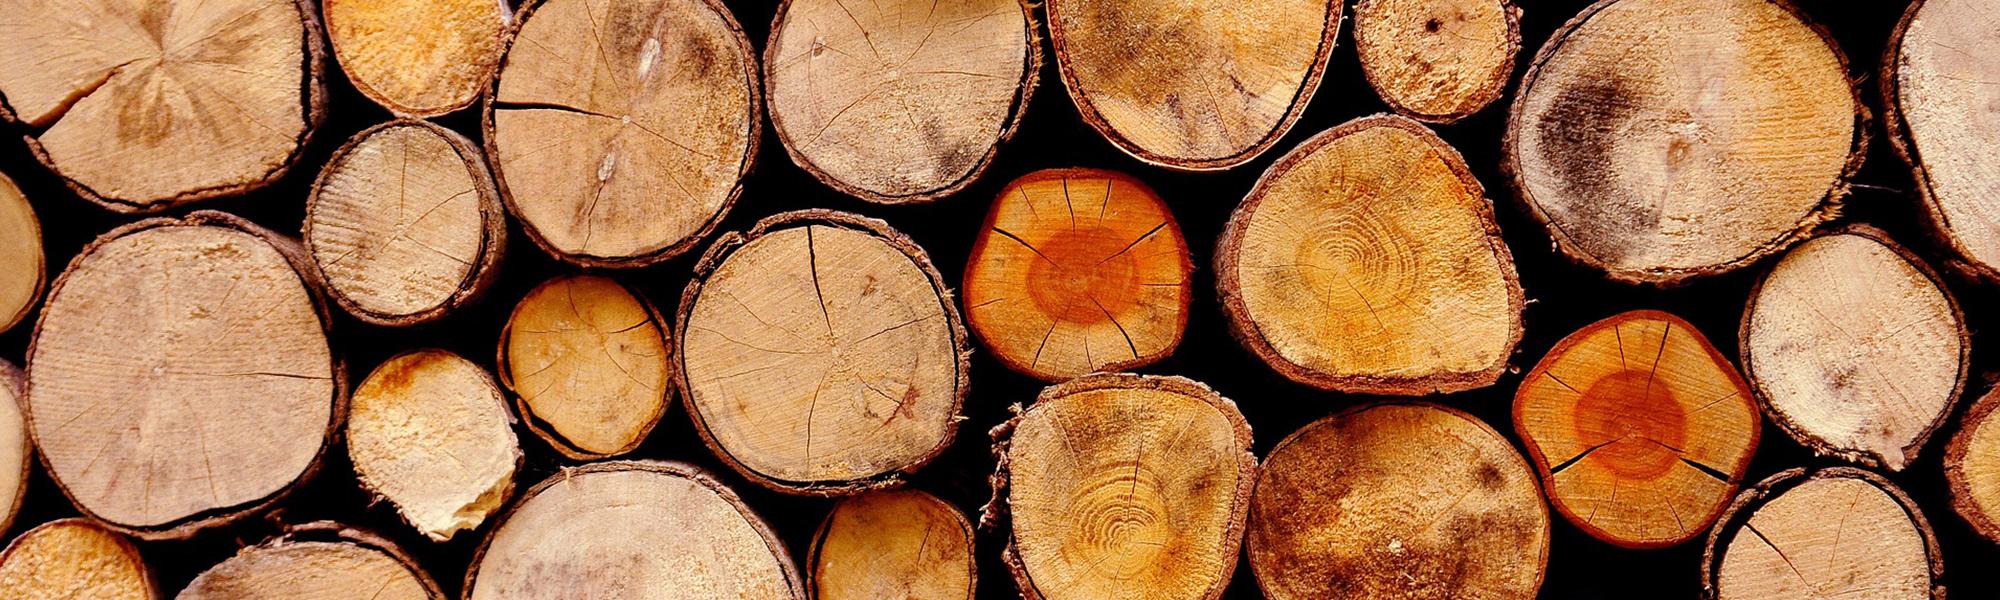 L'umidità e il legno nei depositi di legname